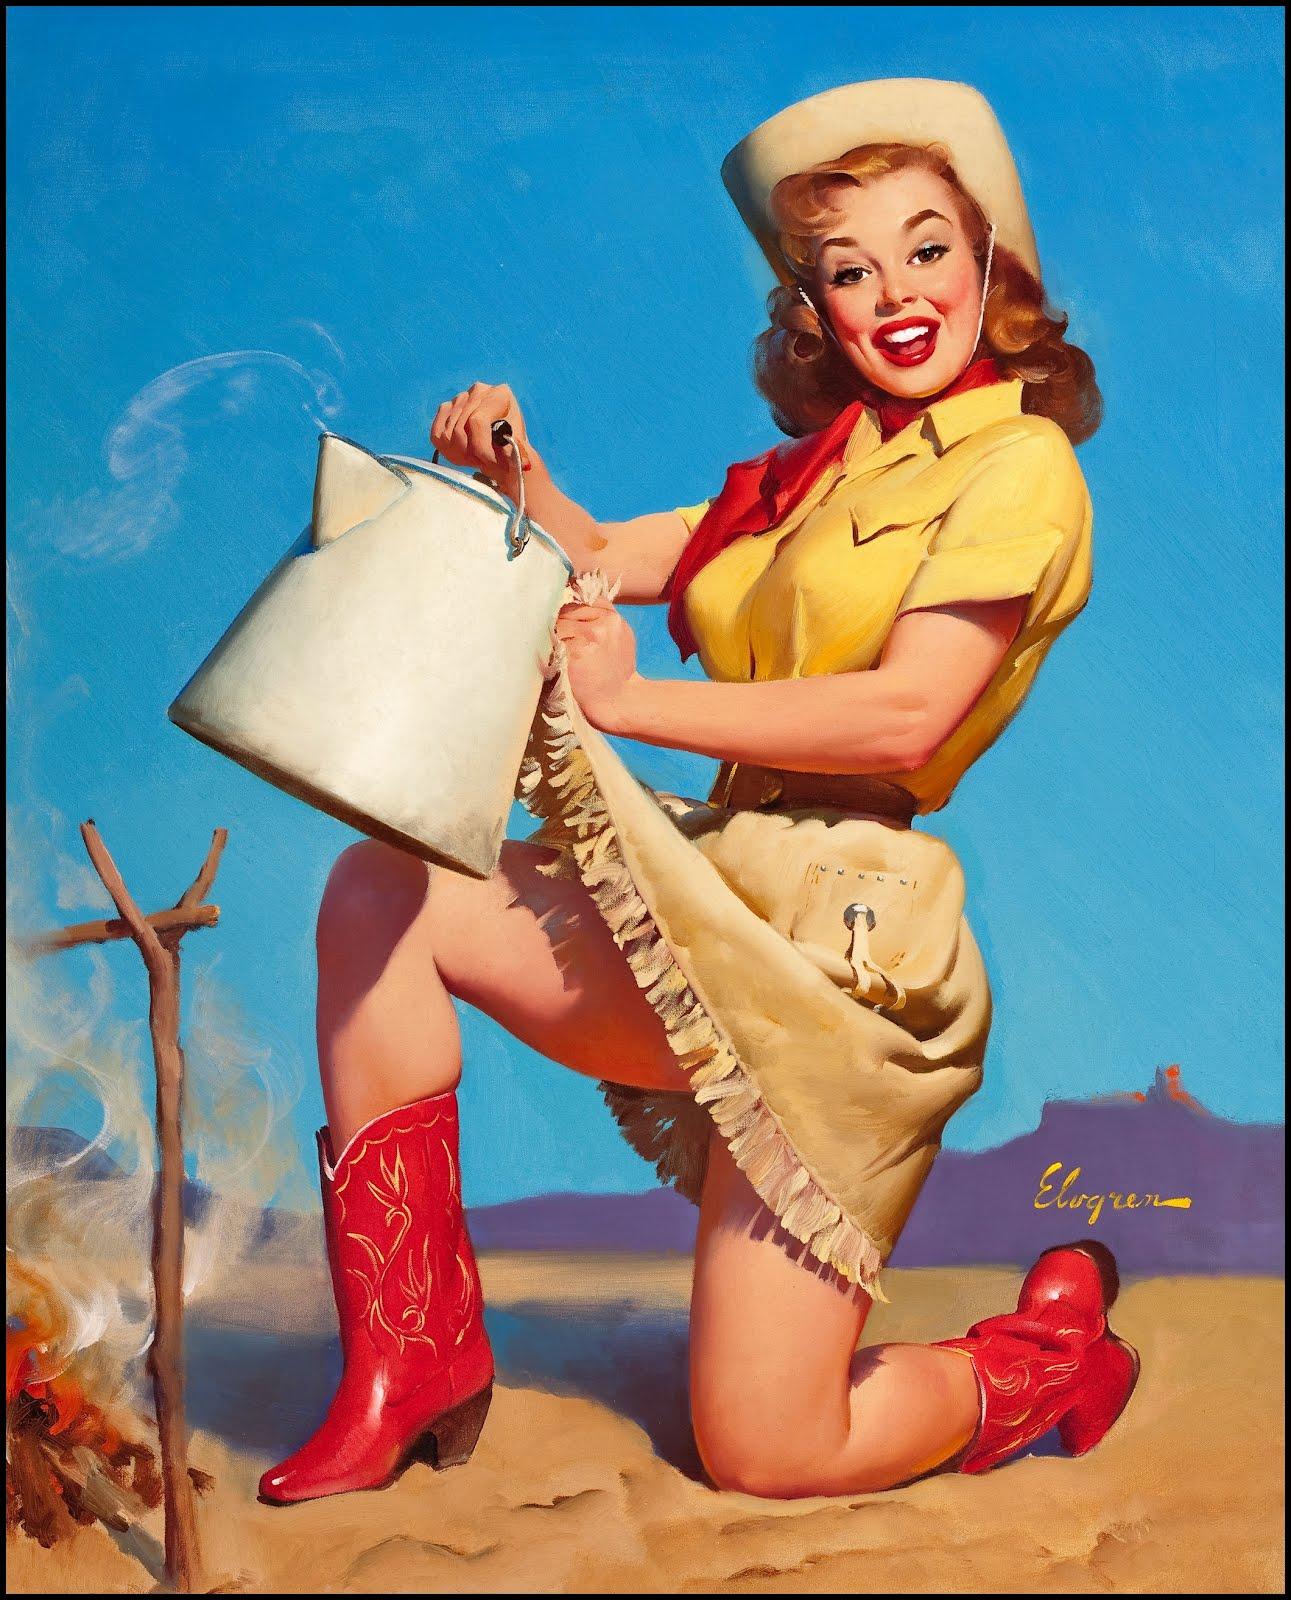 Vintage western pinup girl